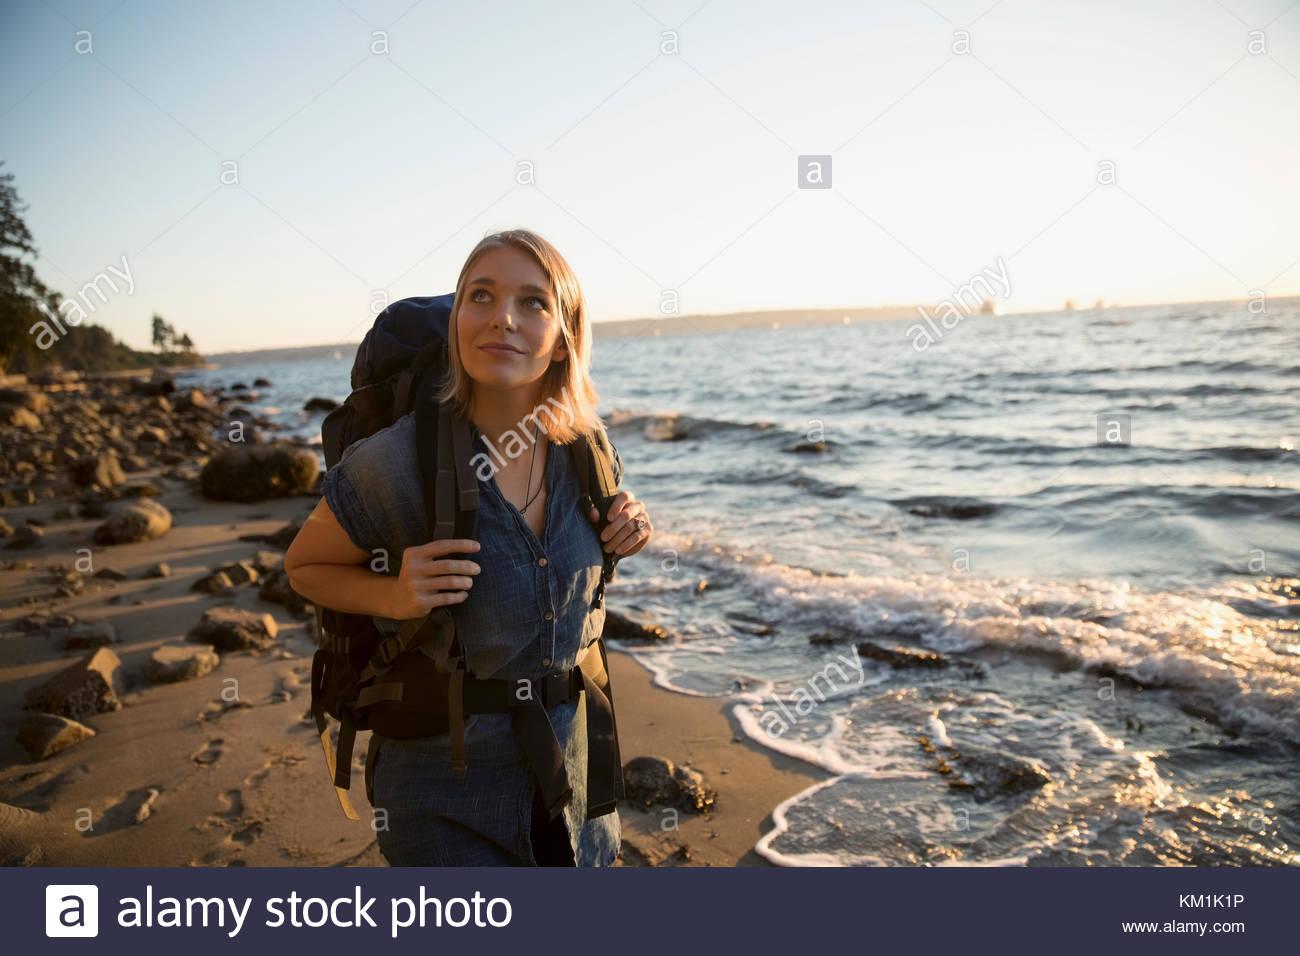 Femme avec sac à dos de randonnée curieux jusqu'à la plage de l'océan au soleil Photo Stock